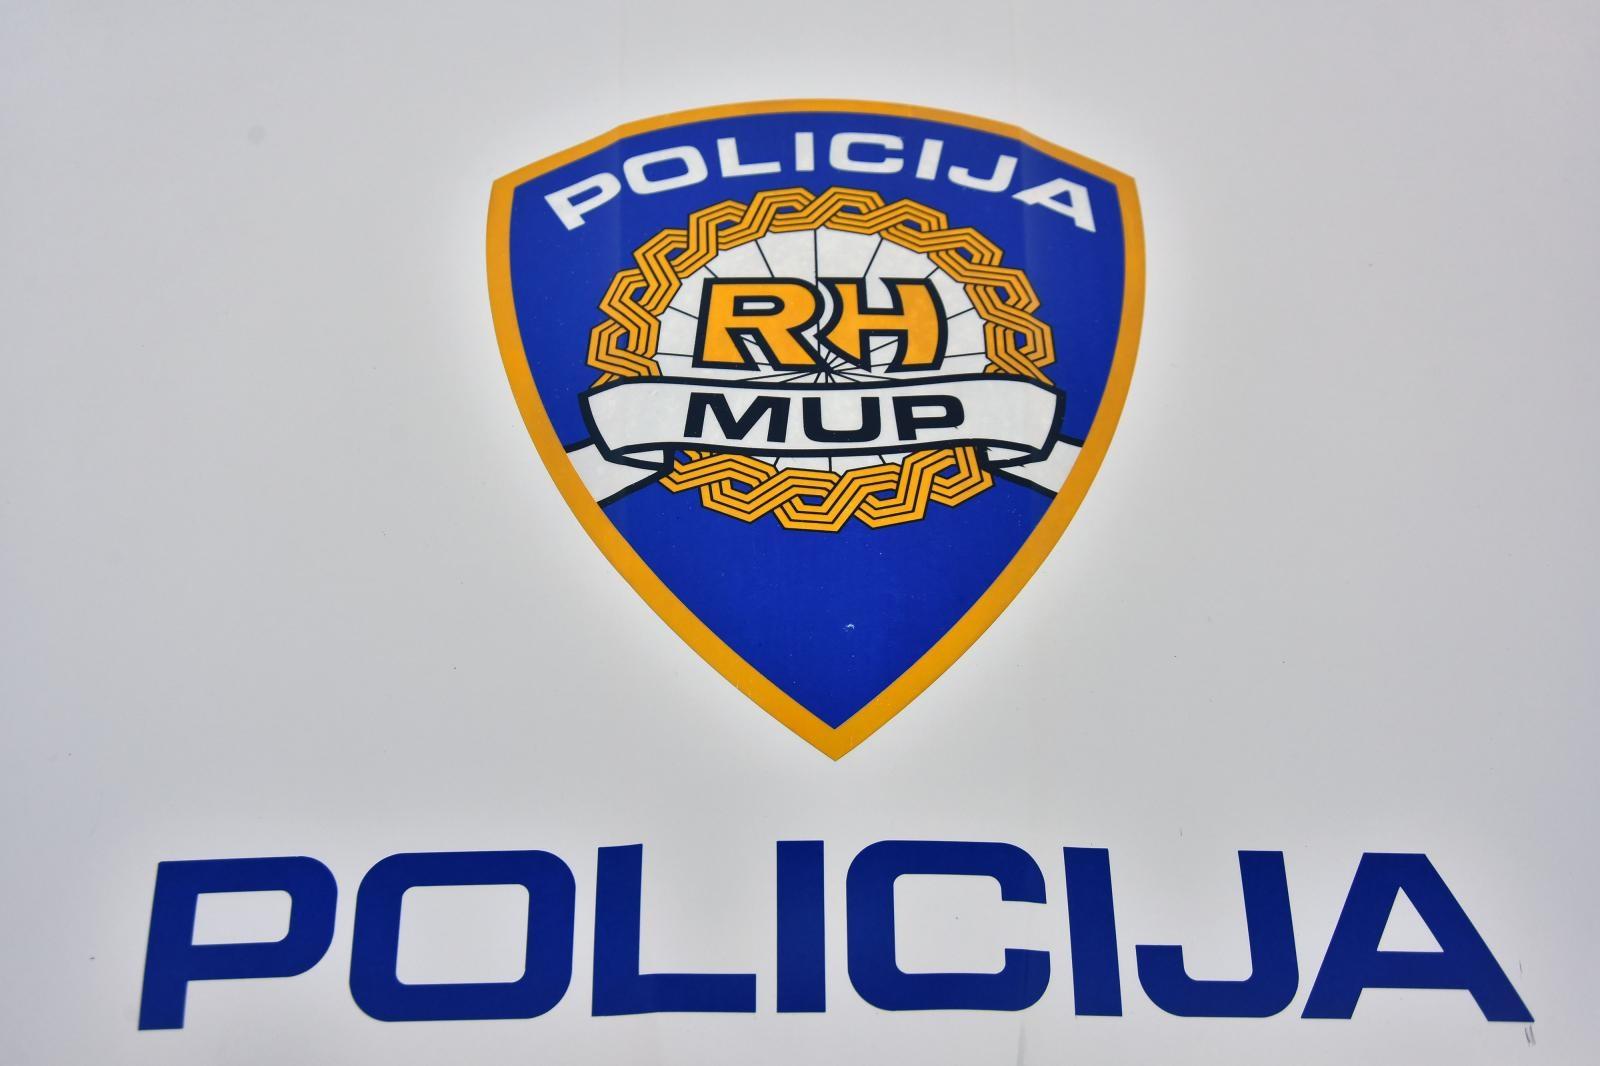 OSVETA Puljanin prijavio policajce, a oni ga zbog prekršaja uhitili i pokušali strpati u zatvor